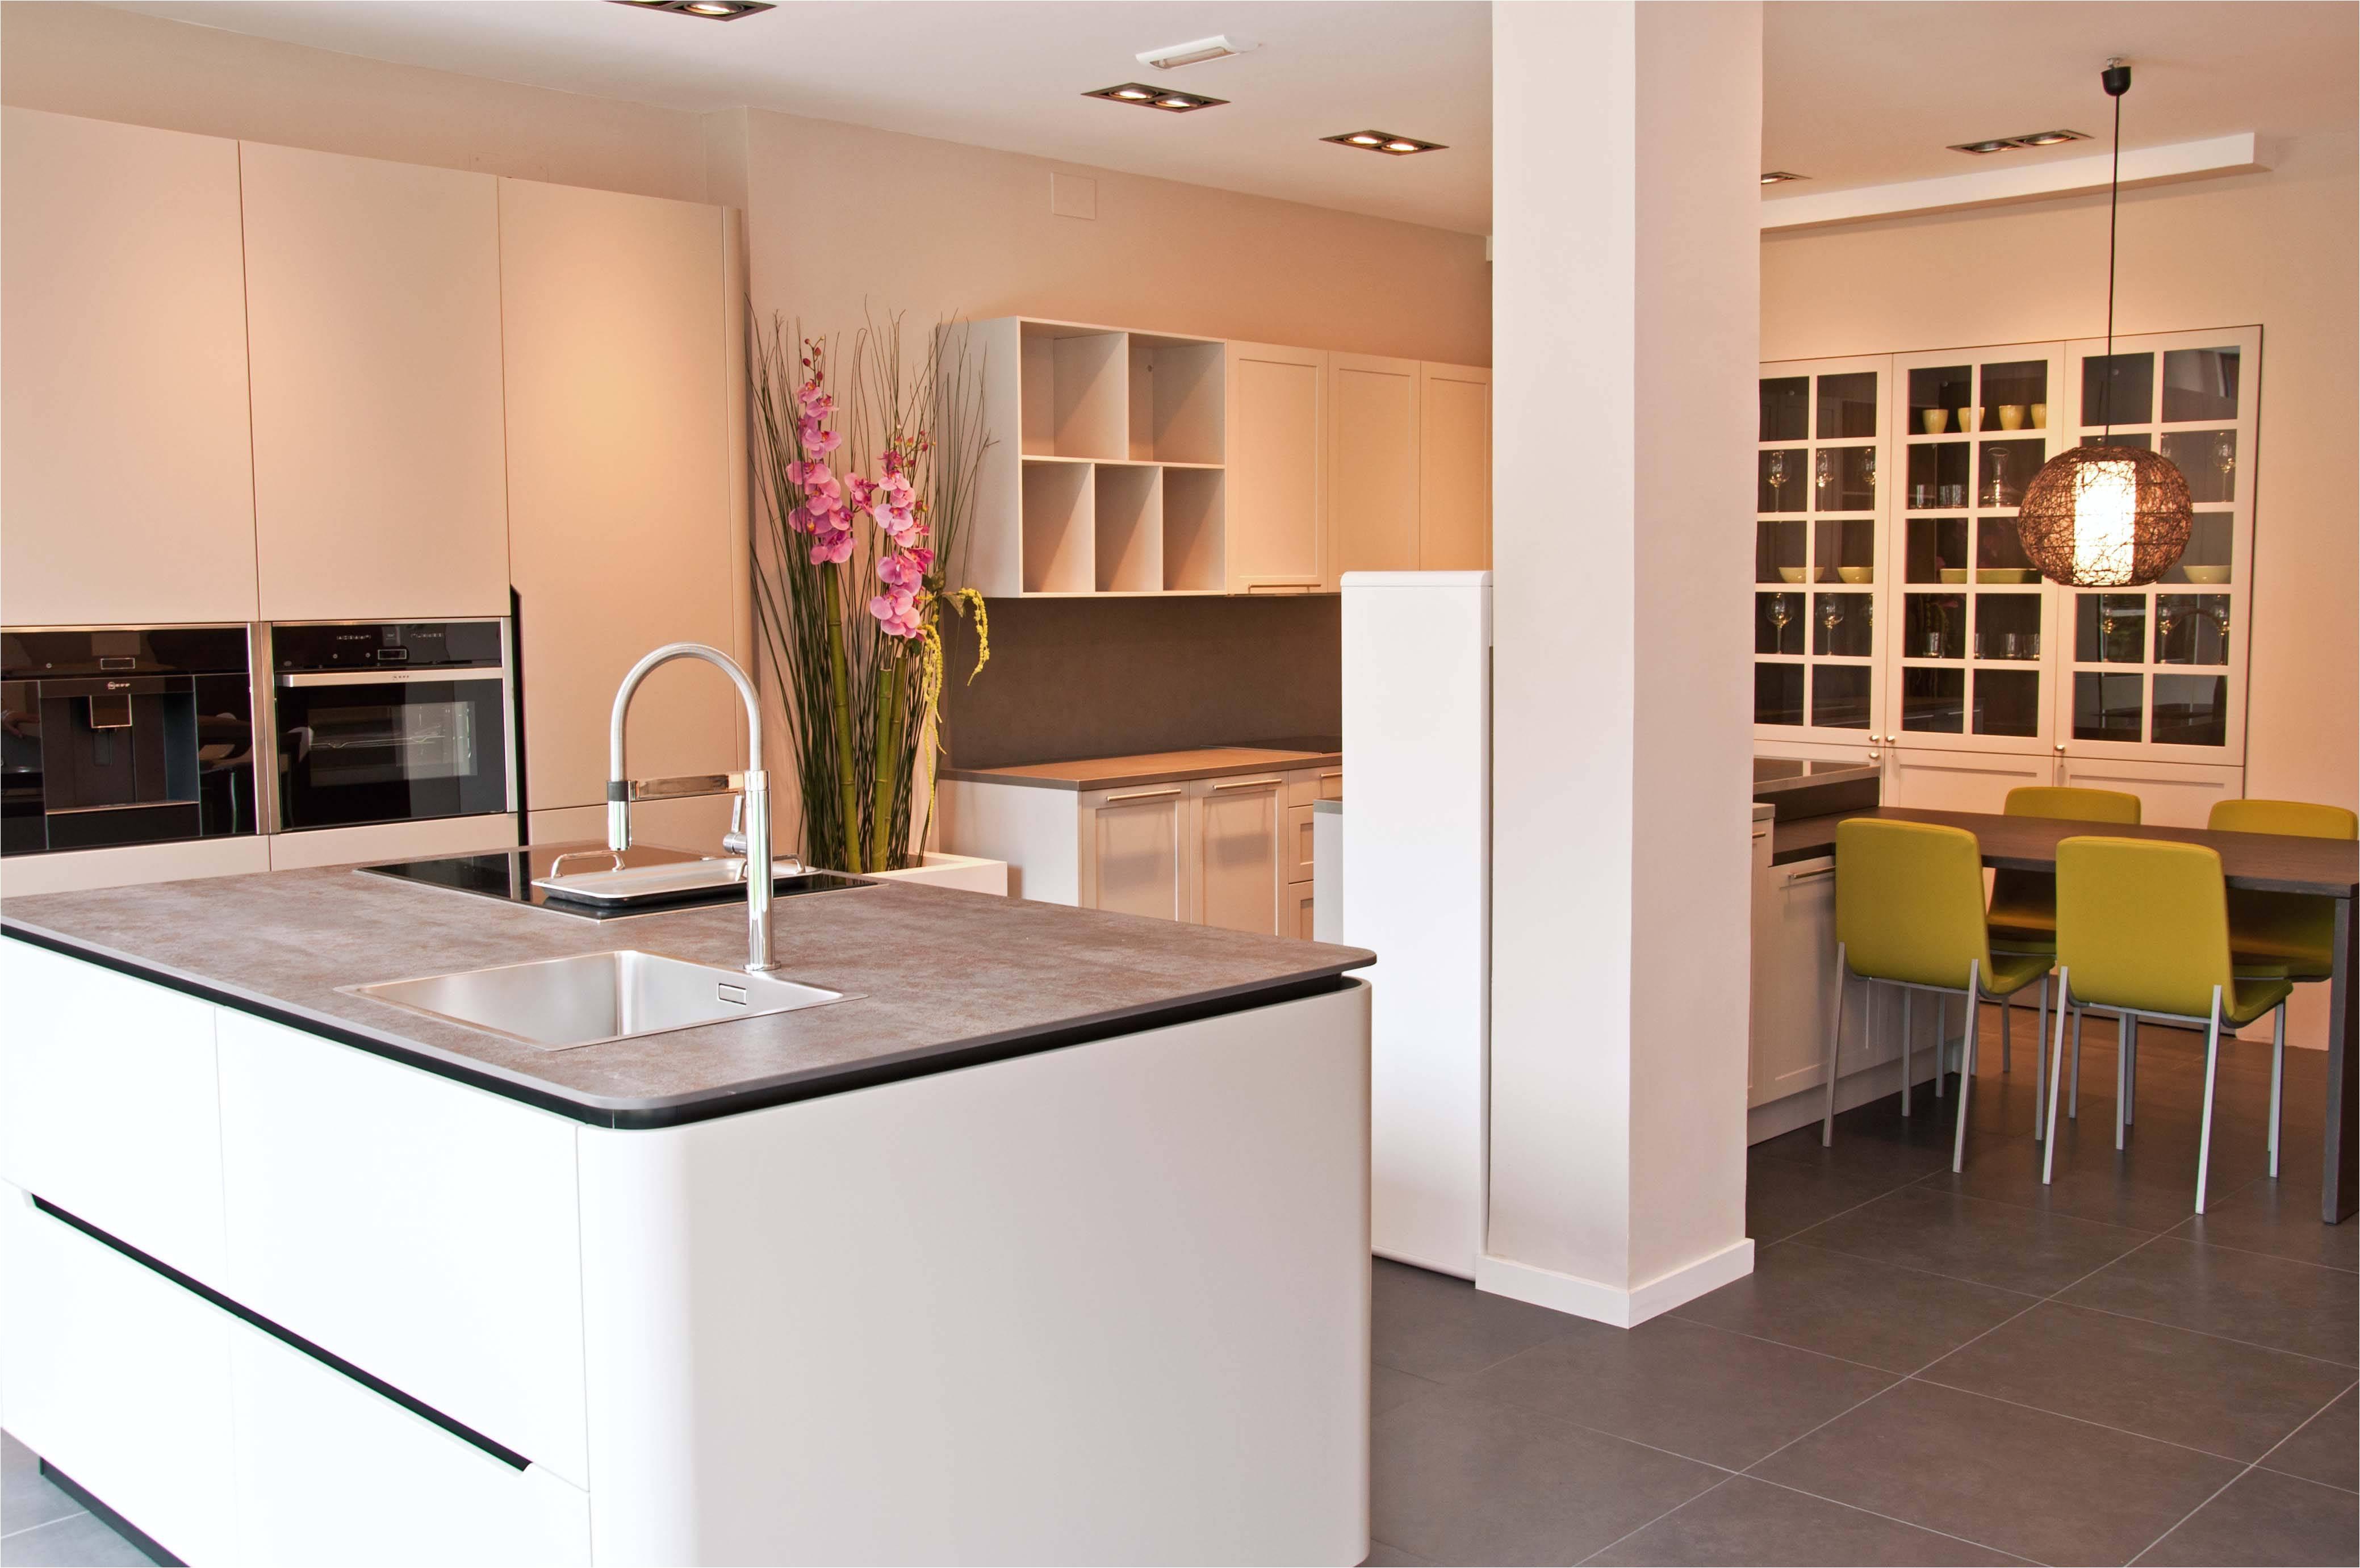 disea os de cocinas modernas elegante el mejor foto disea os de cocinas modernas fenomenal